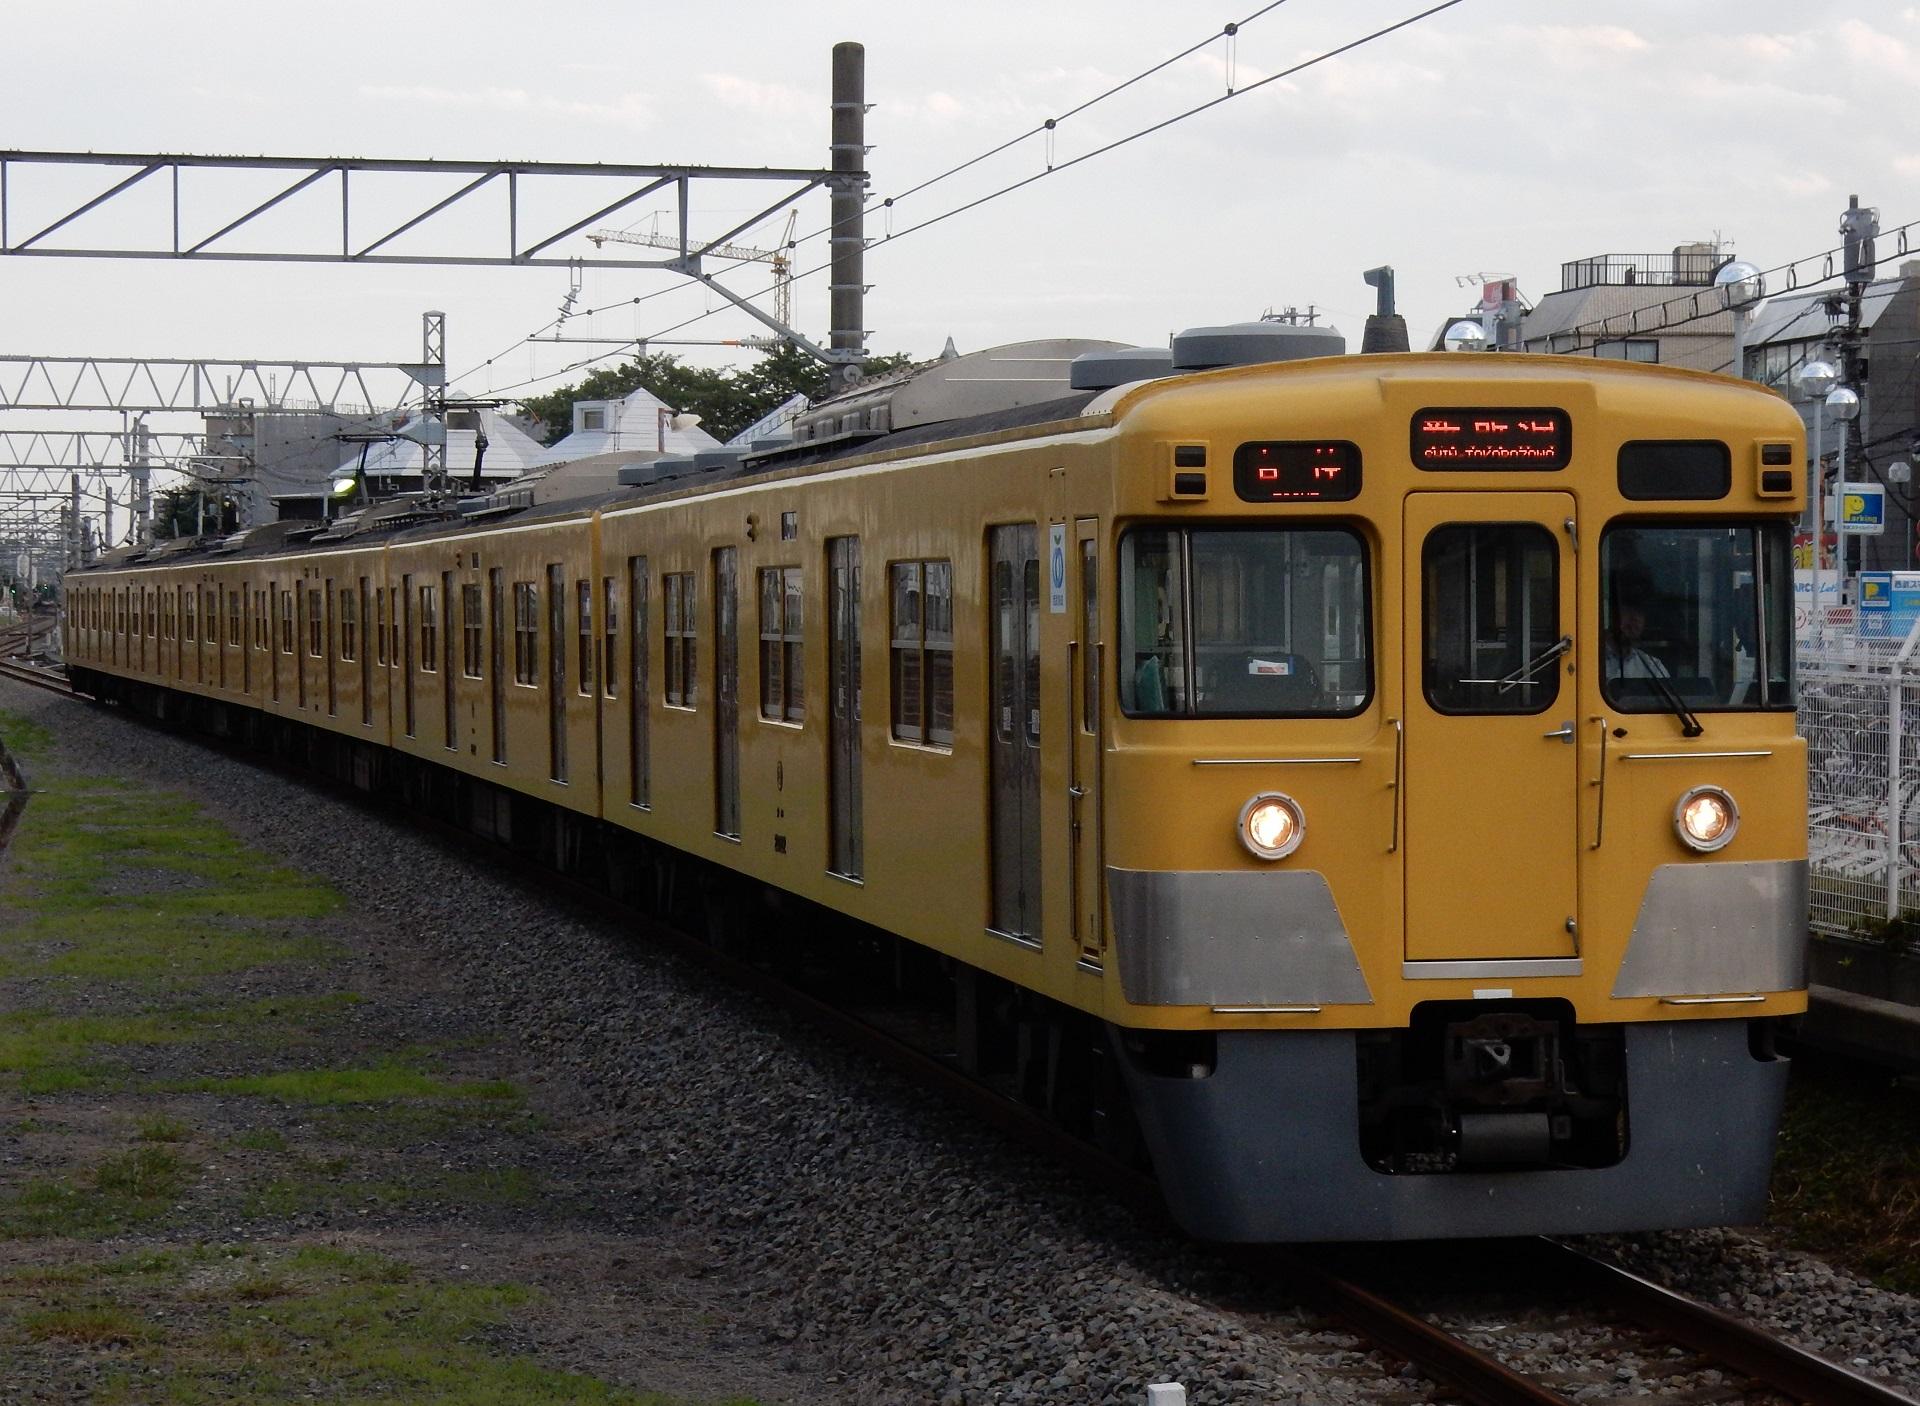 DSCN1319 - コピー